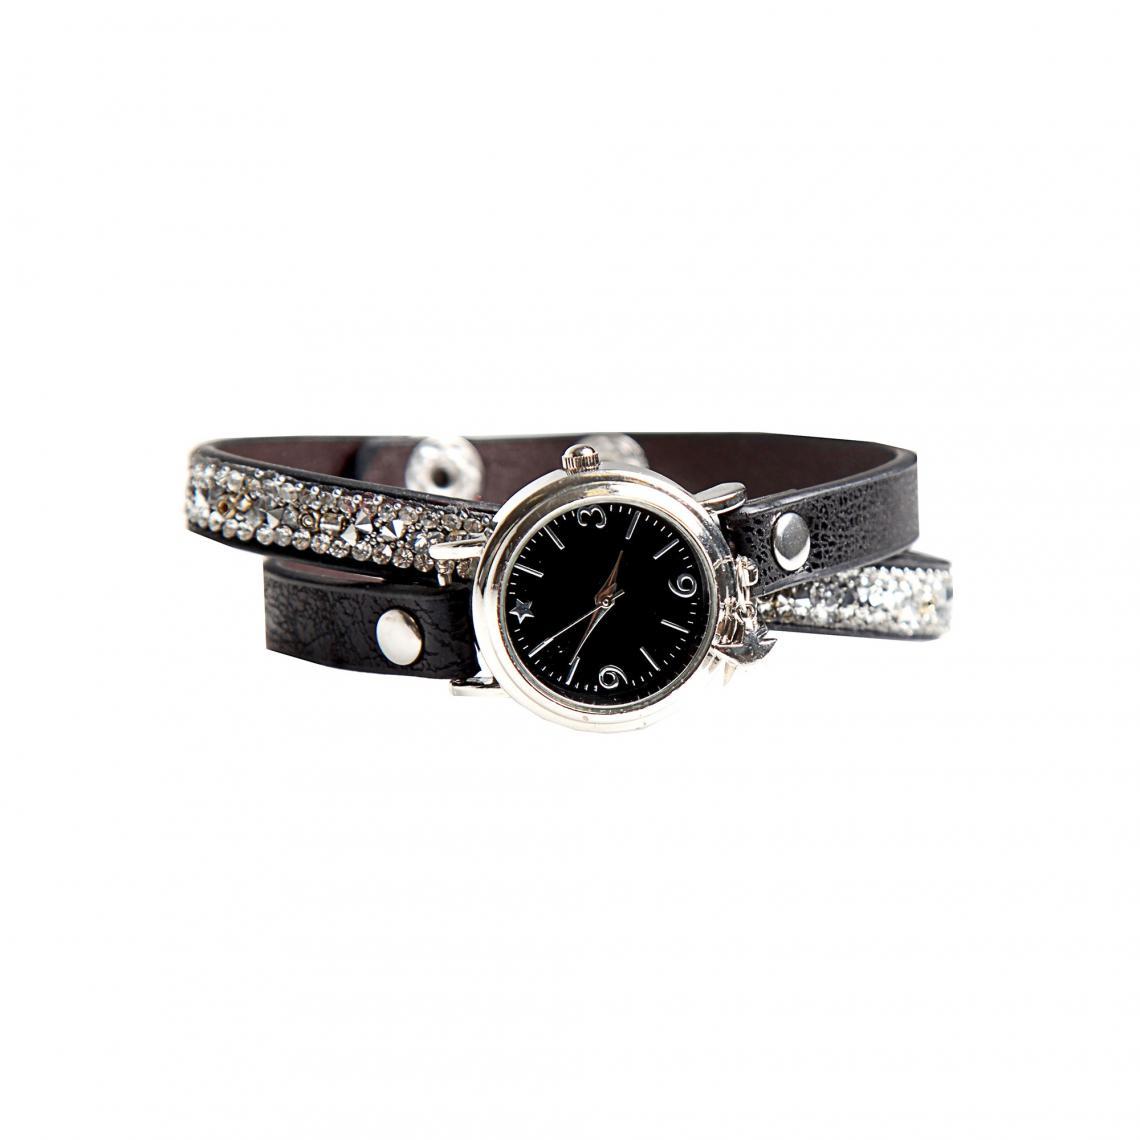 c5914944633 Montre bracelet double brillant avec strass fantaisie femme - Noir ...